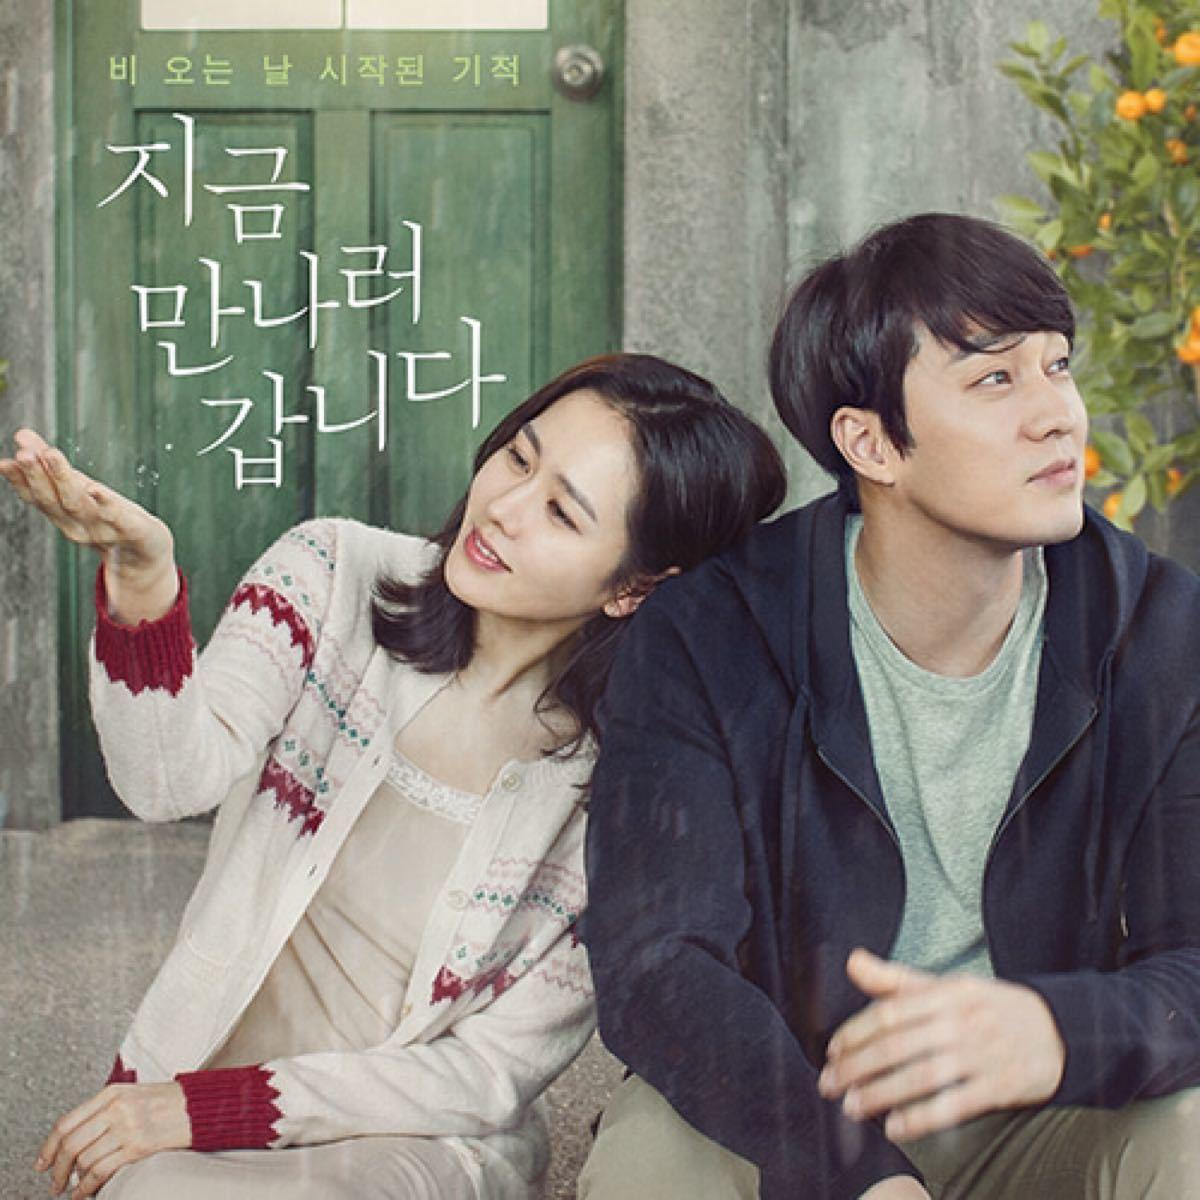 韓国映画 ソン・イェジン 出演映画 DVD 2点セット 日本語吹替有り